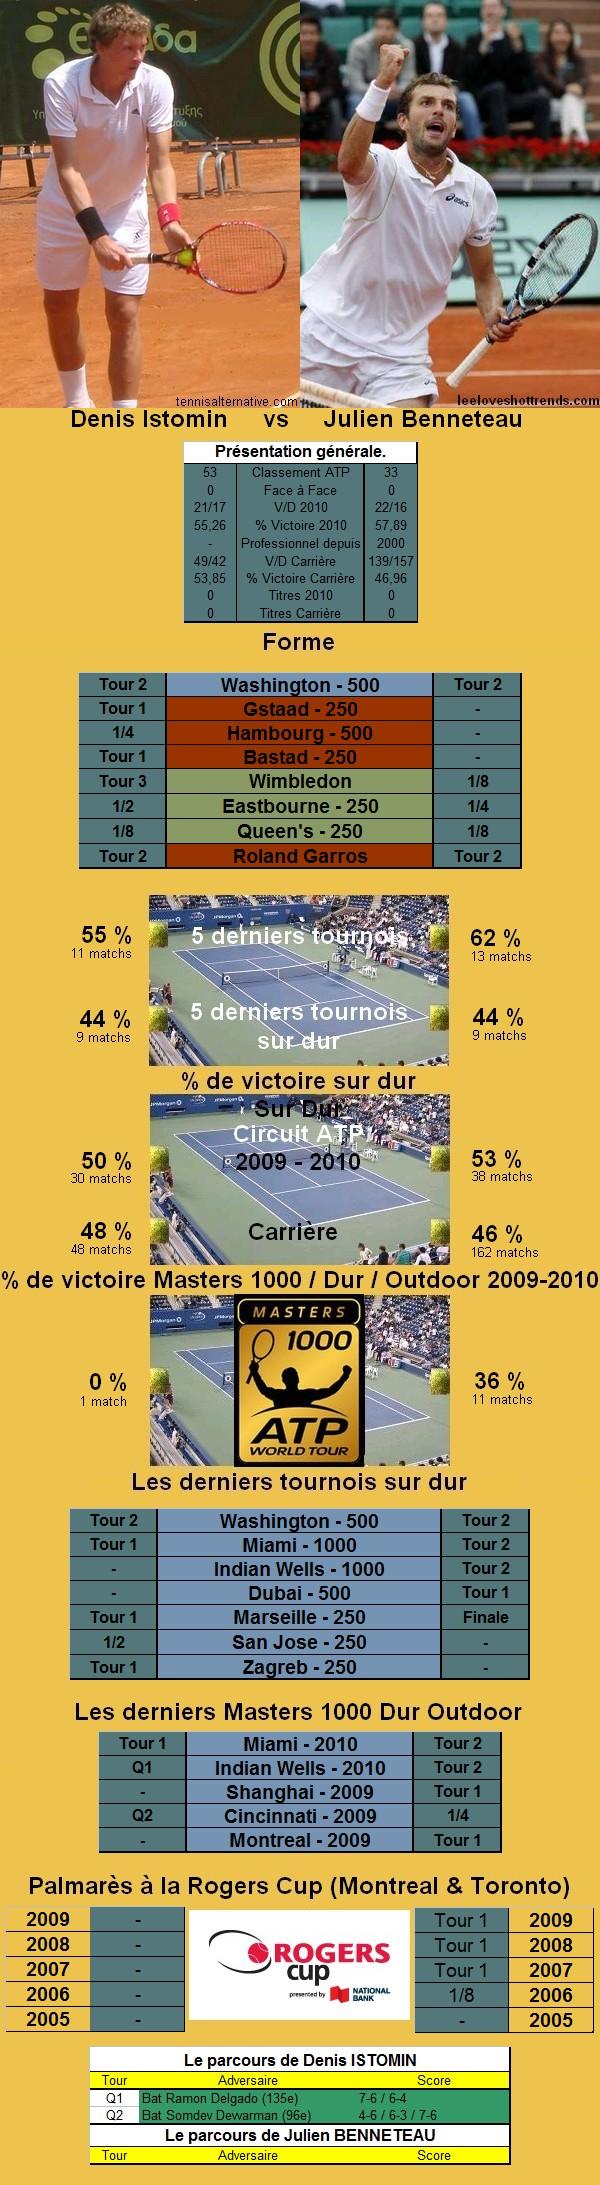 Statistiques tennis de Istomin contre Benneteau à Toronto